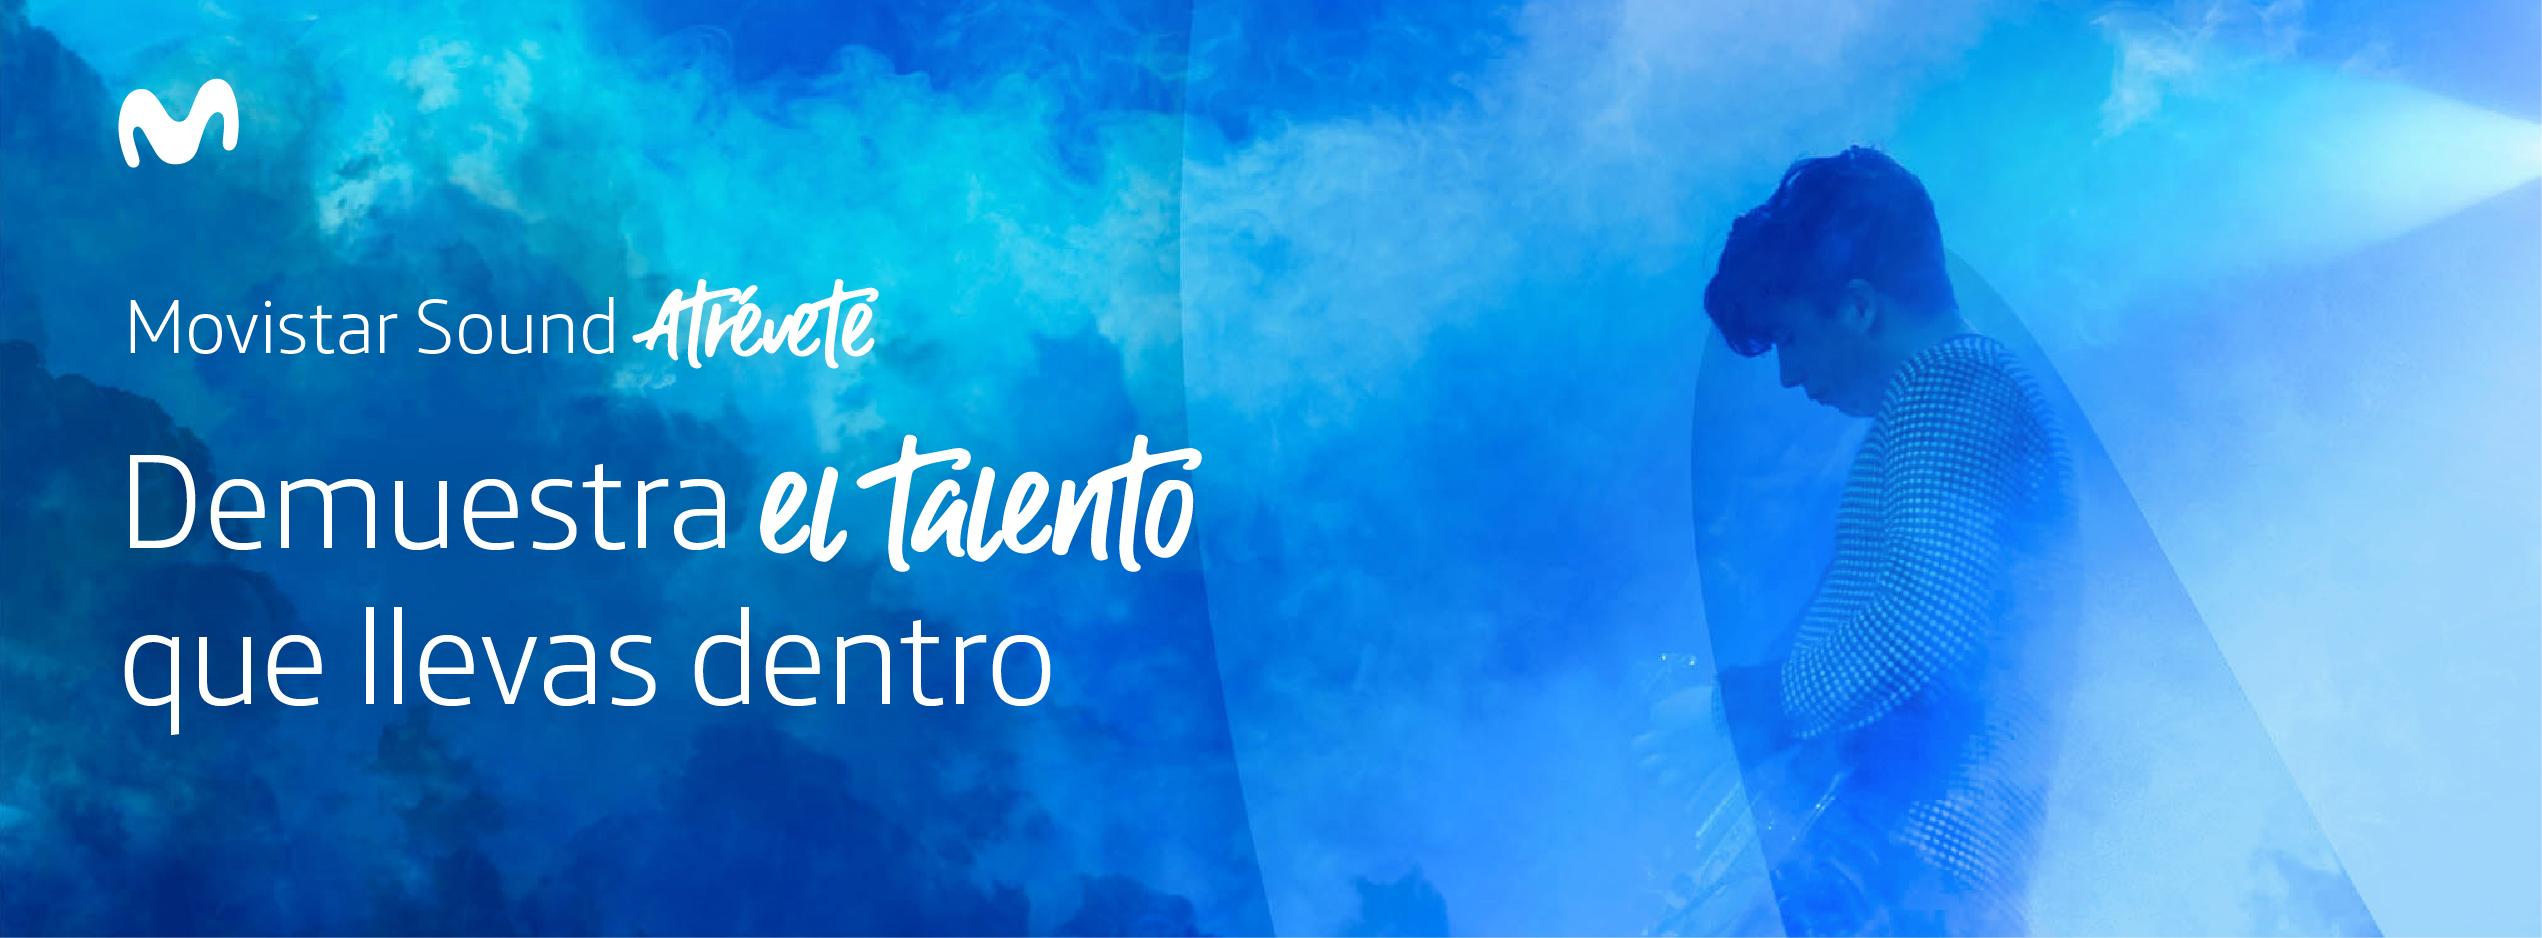 Conoce Movistar Sound Atrévete, una iniciativa que busca apoyar y dar a conocer grupos emergentes